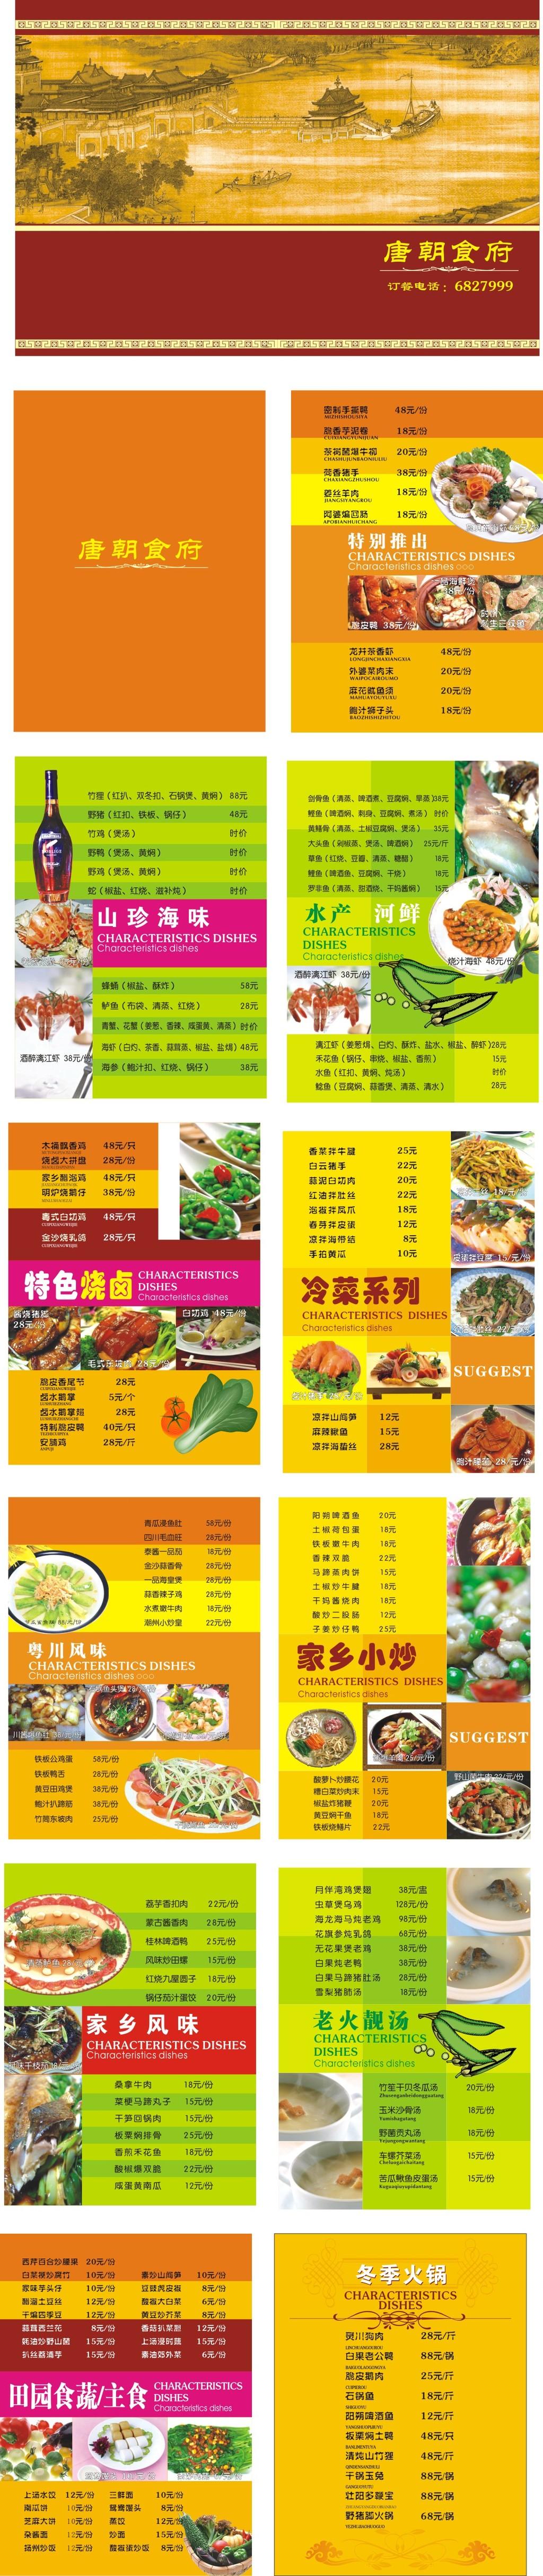 平面设计 画册设计 菜单|菜谱设计 > 食品餐饮业画册菜谱设计样式  下